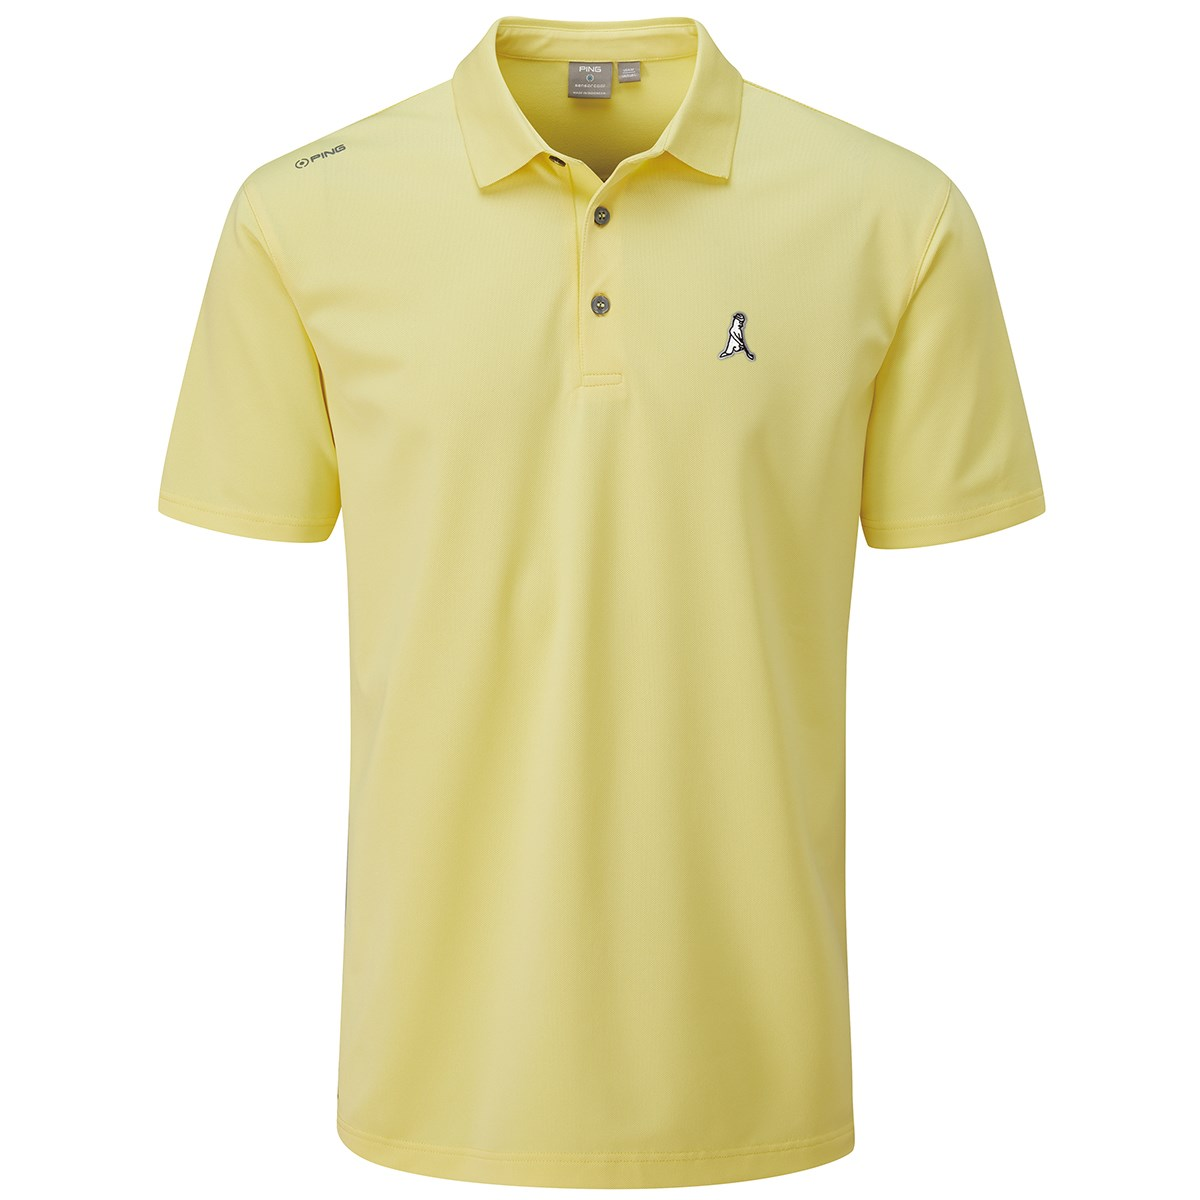 ピン(PING) リンカーン-J II ストレッチ半袖ポロシャツ